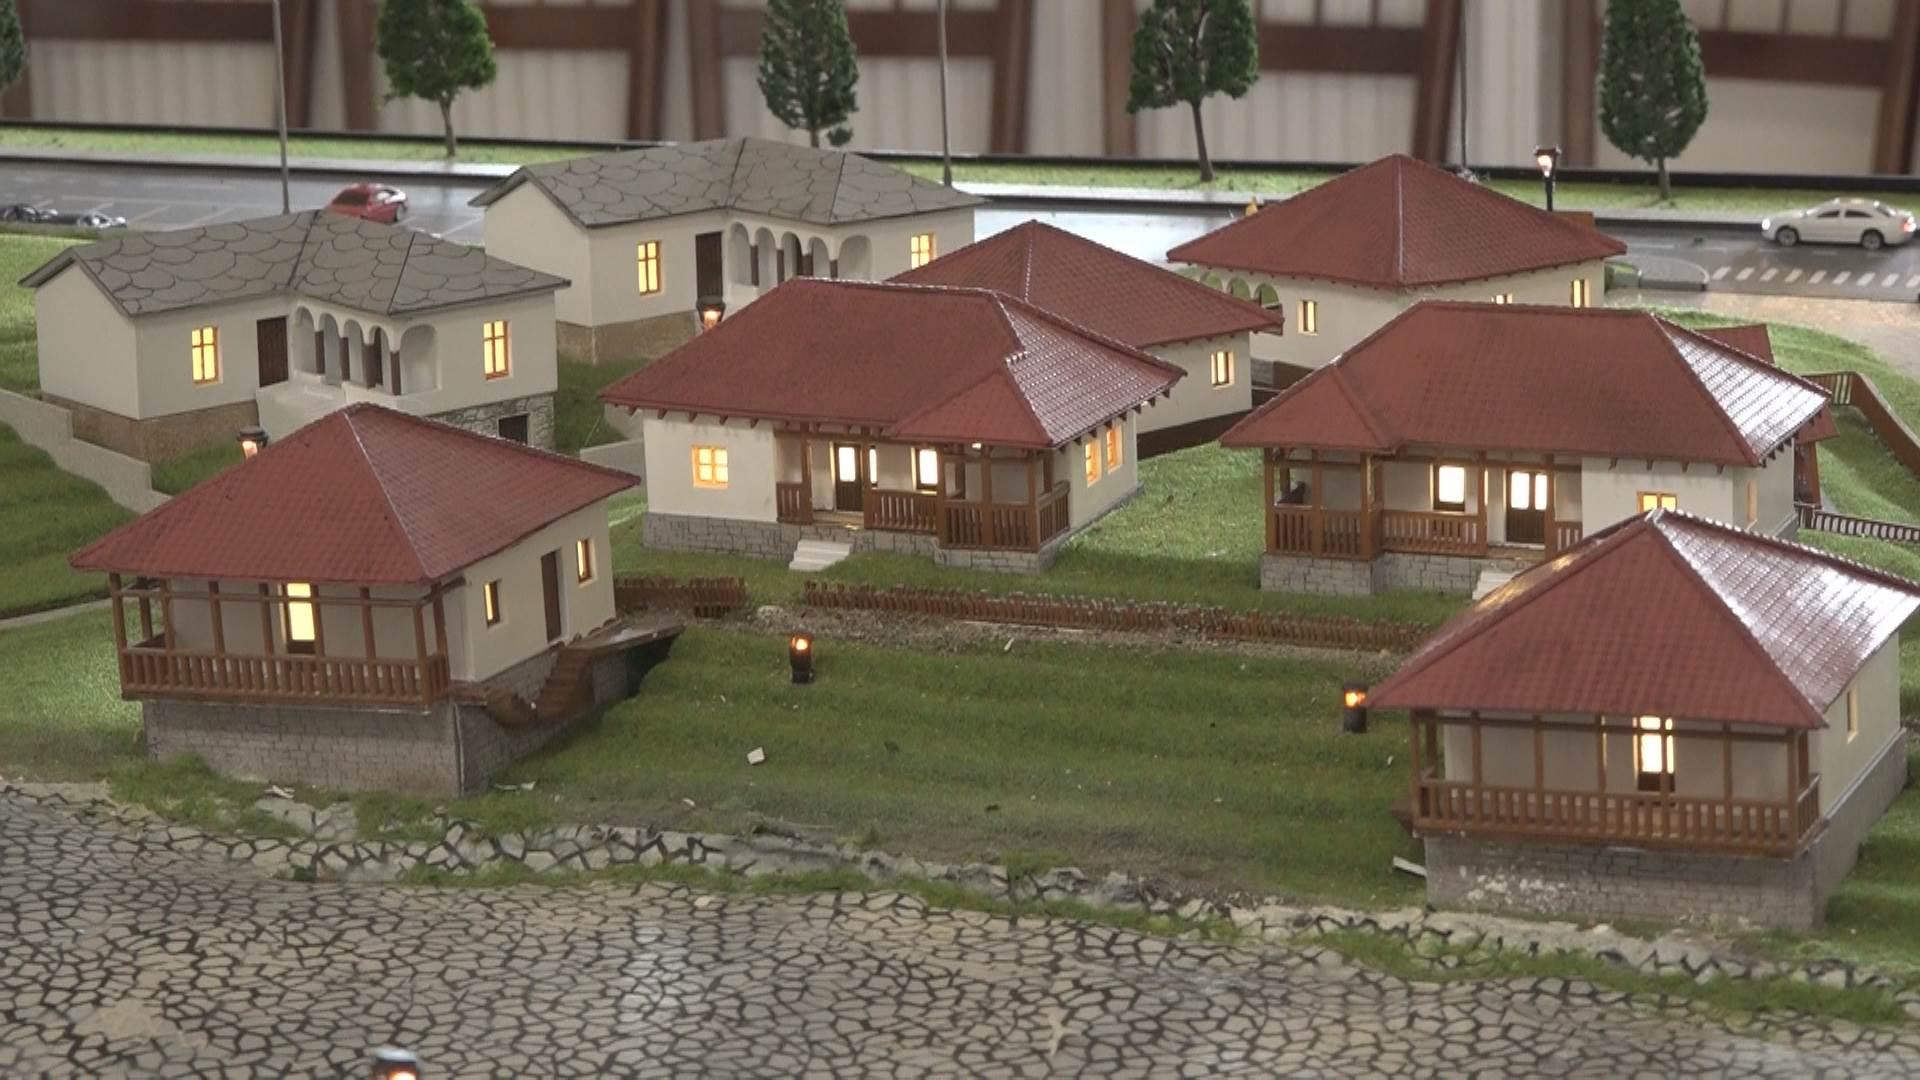 1628520459kosjeric-tradicionalno-naselje-fotorina6